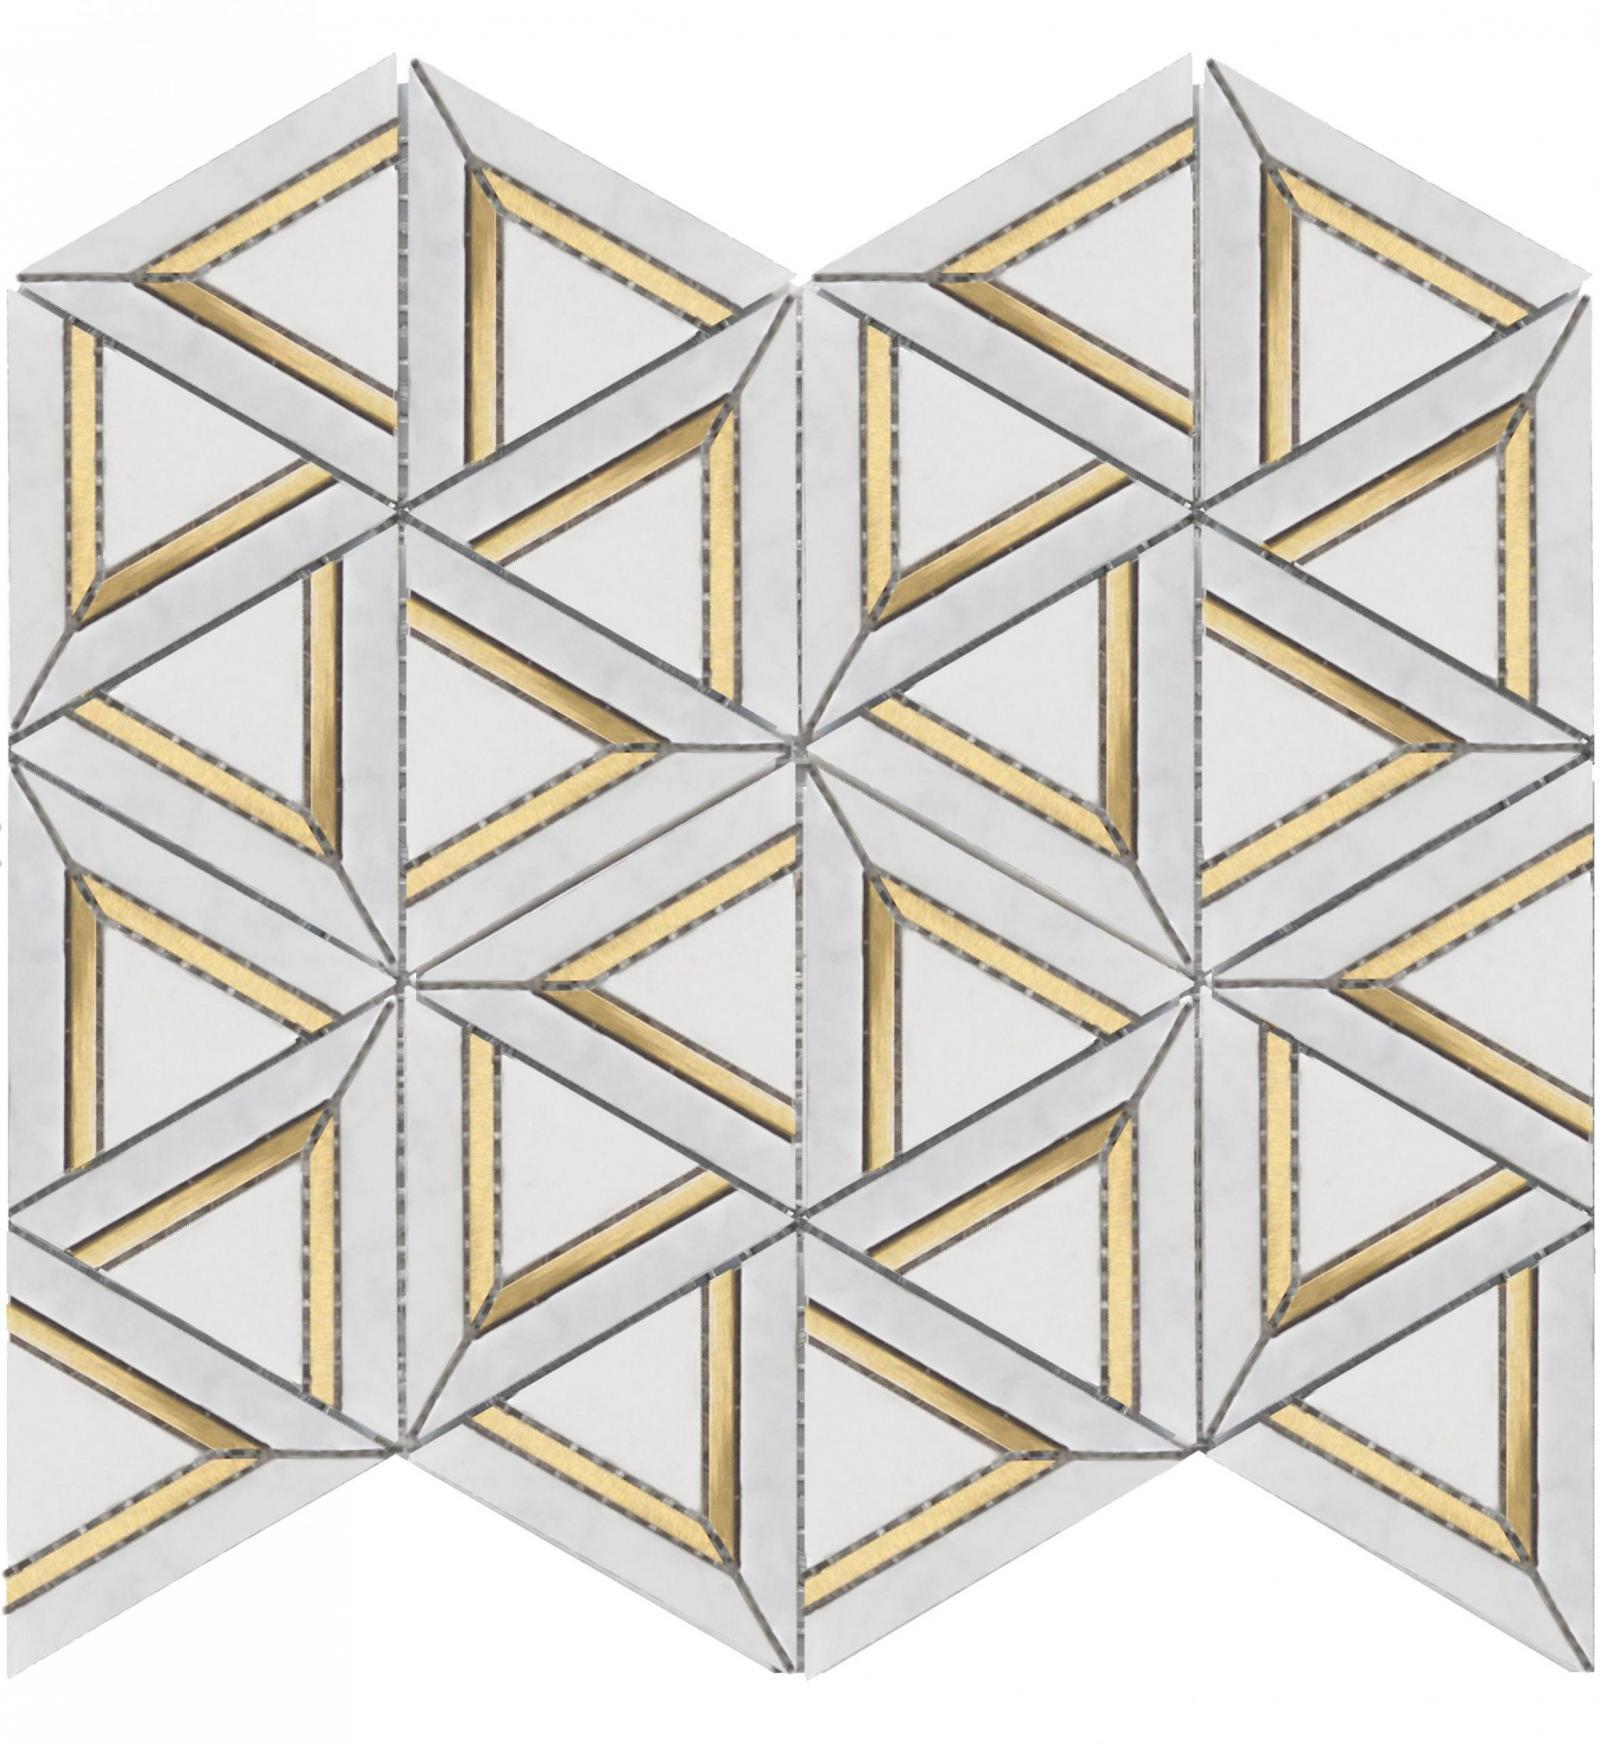 CARRARA WHITE METAL GEO 12x14 MOSAIC